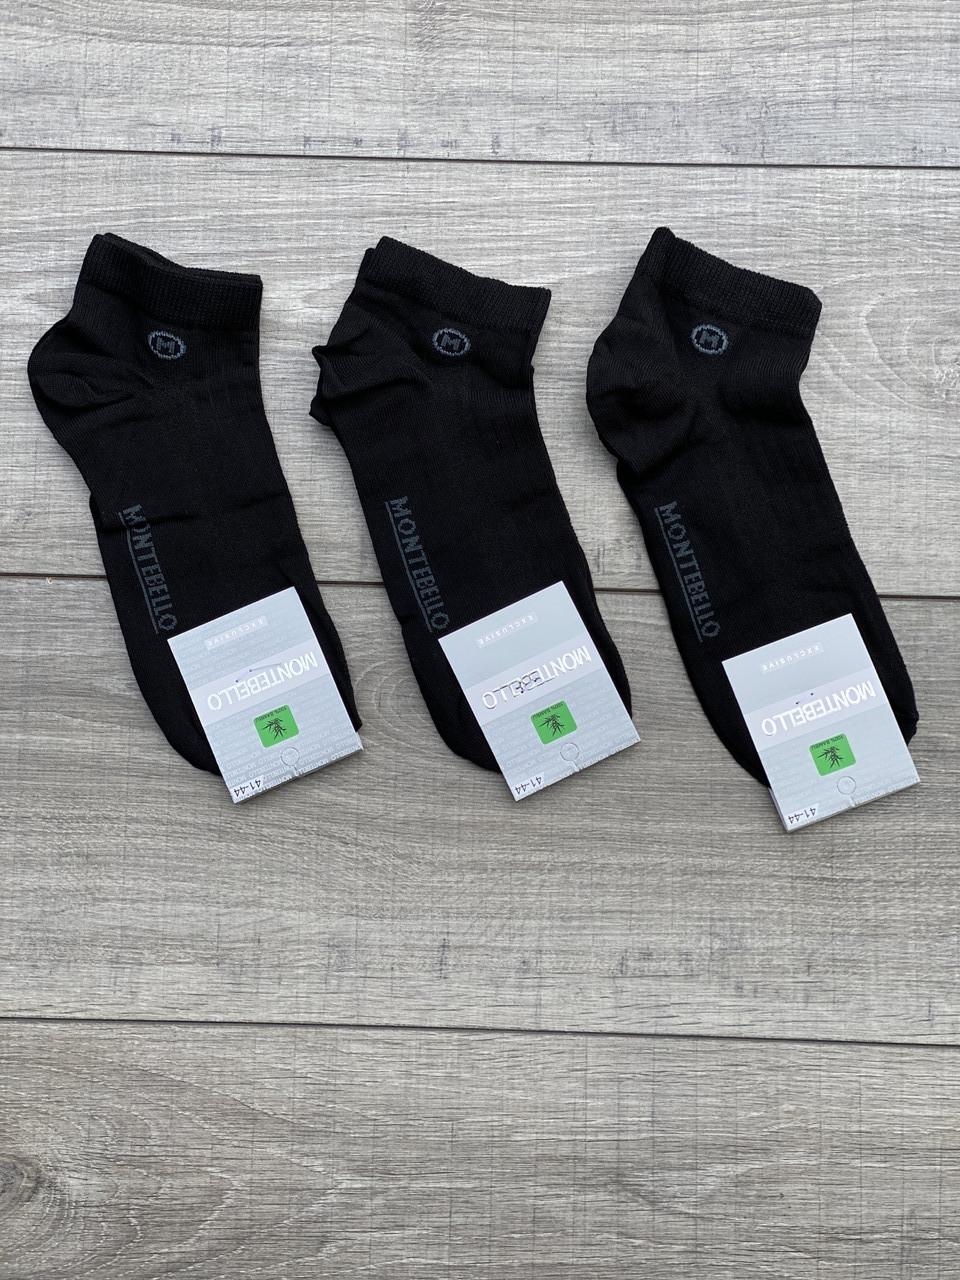 Чоловічі носки коттон шкарпетки короткі Montebello з буквою М однотонні 40-45 12 шт в уп чорні